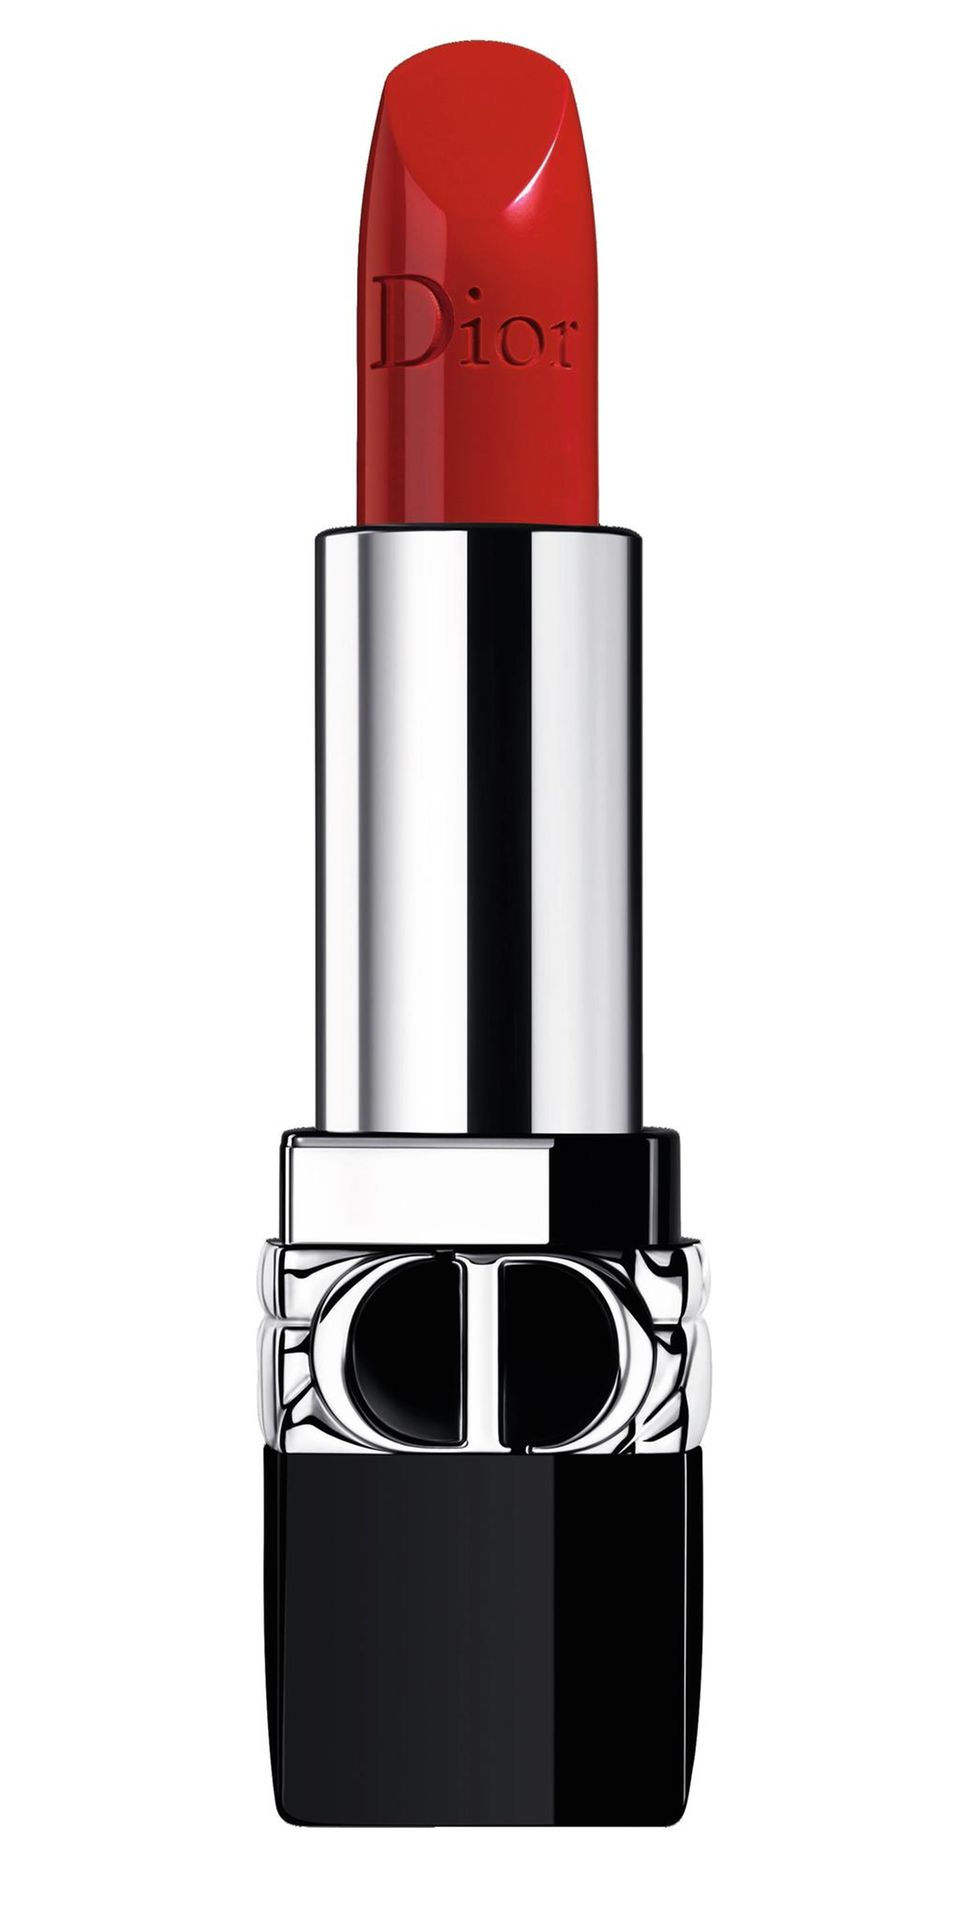 Den eigenen Stil finden: roter Lippenstift